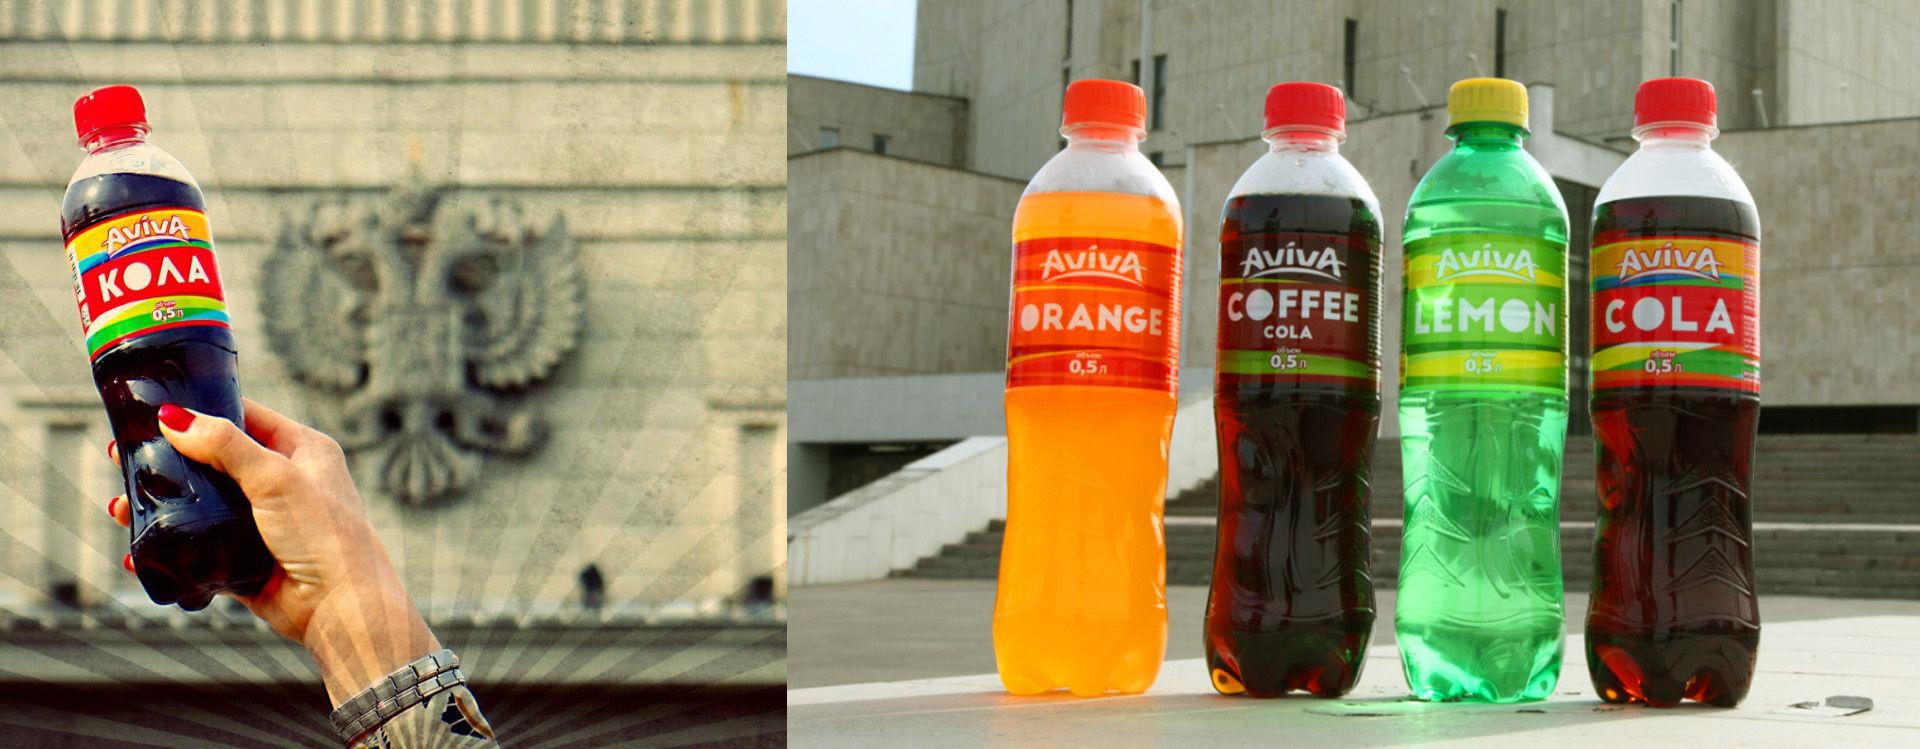 Дизайн этикетки для сладкой воды, Sweet soda label design